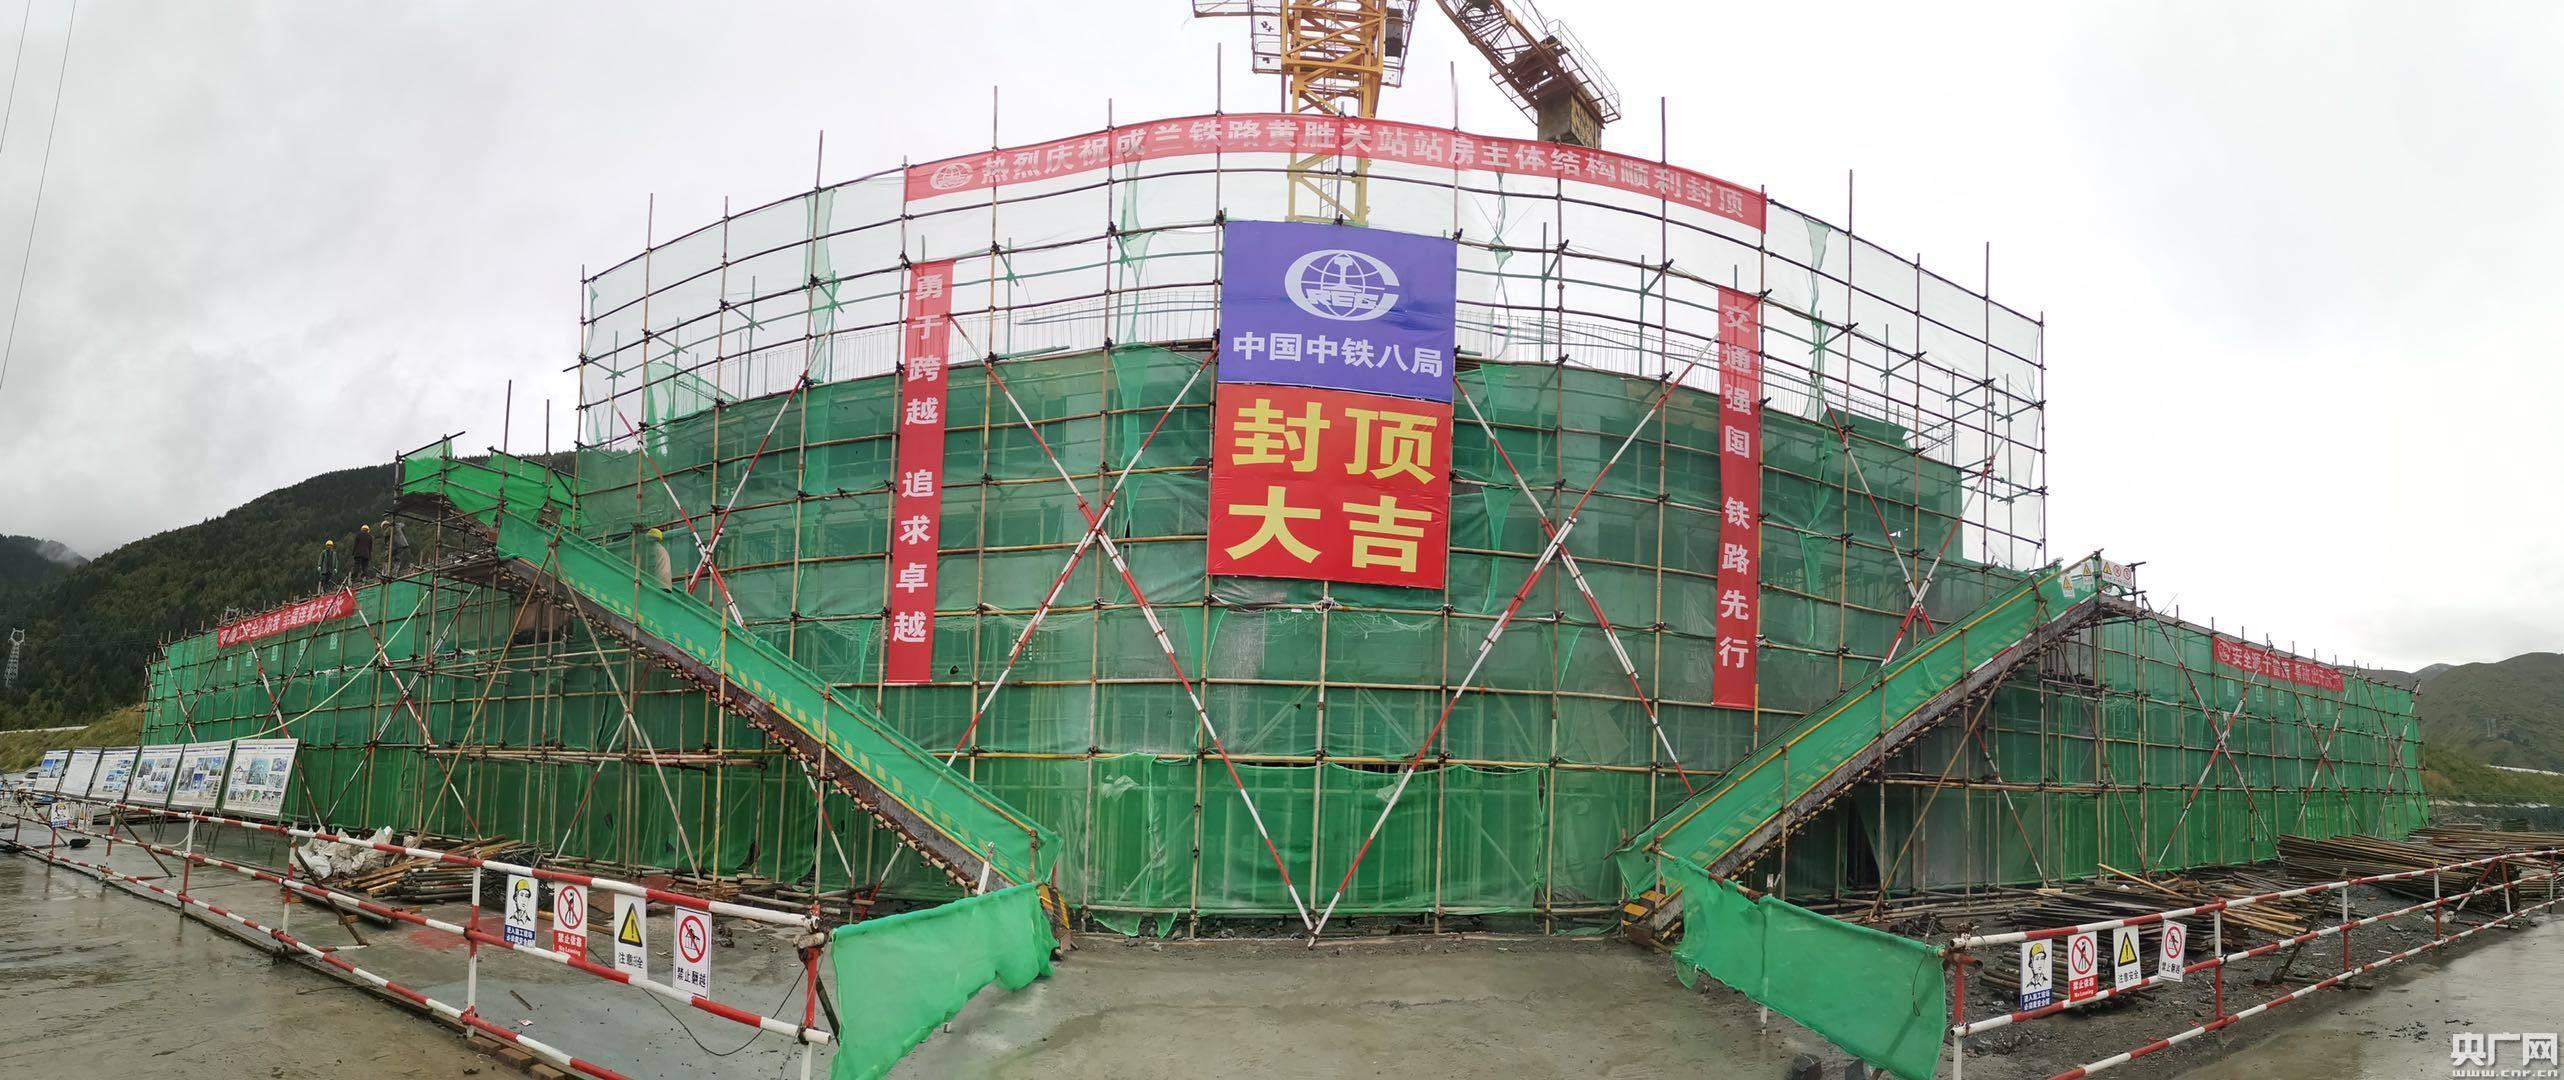 【央广网?视听四川】成兰铁路黄胜关站房主体结构顺利封顶